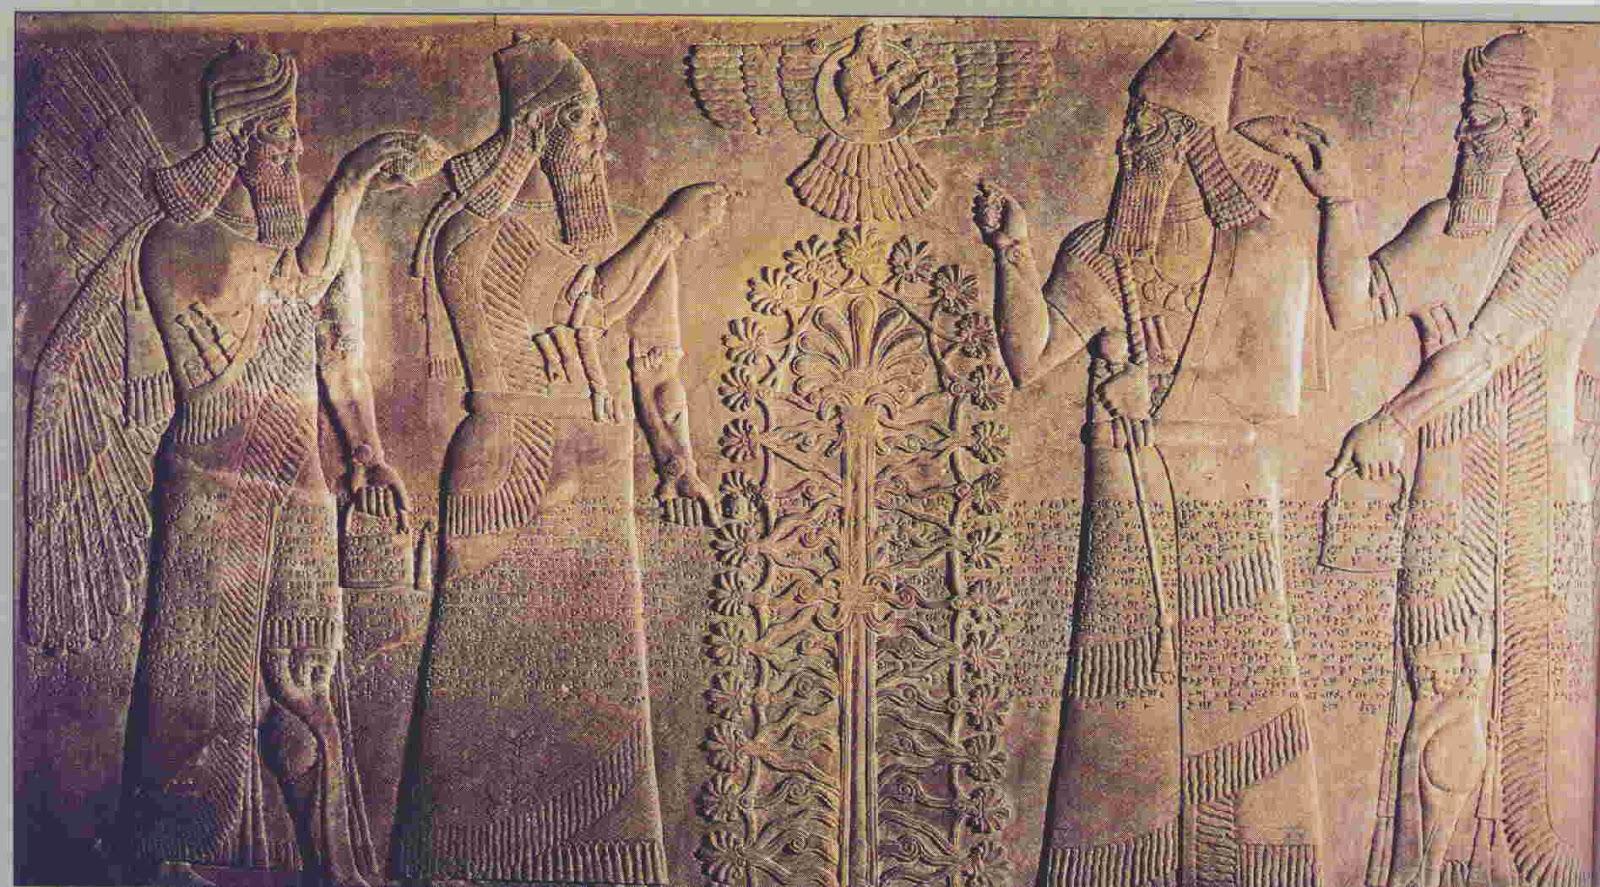 上图:新亚述时代(Neo-Assyrian)的生命树浮雕。出土于伊拉克北部尼姆鲁德(Nimrud,即宁录)阿淑尔纳西尔帕二世(Ashurnasirpal II,主前883–859年在位)的宫殿。